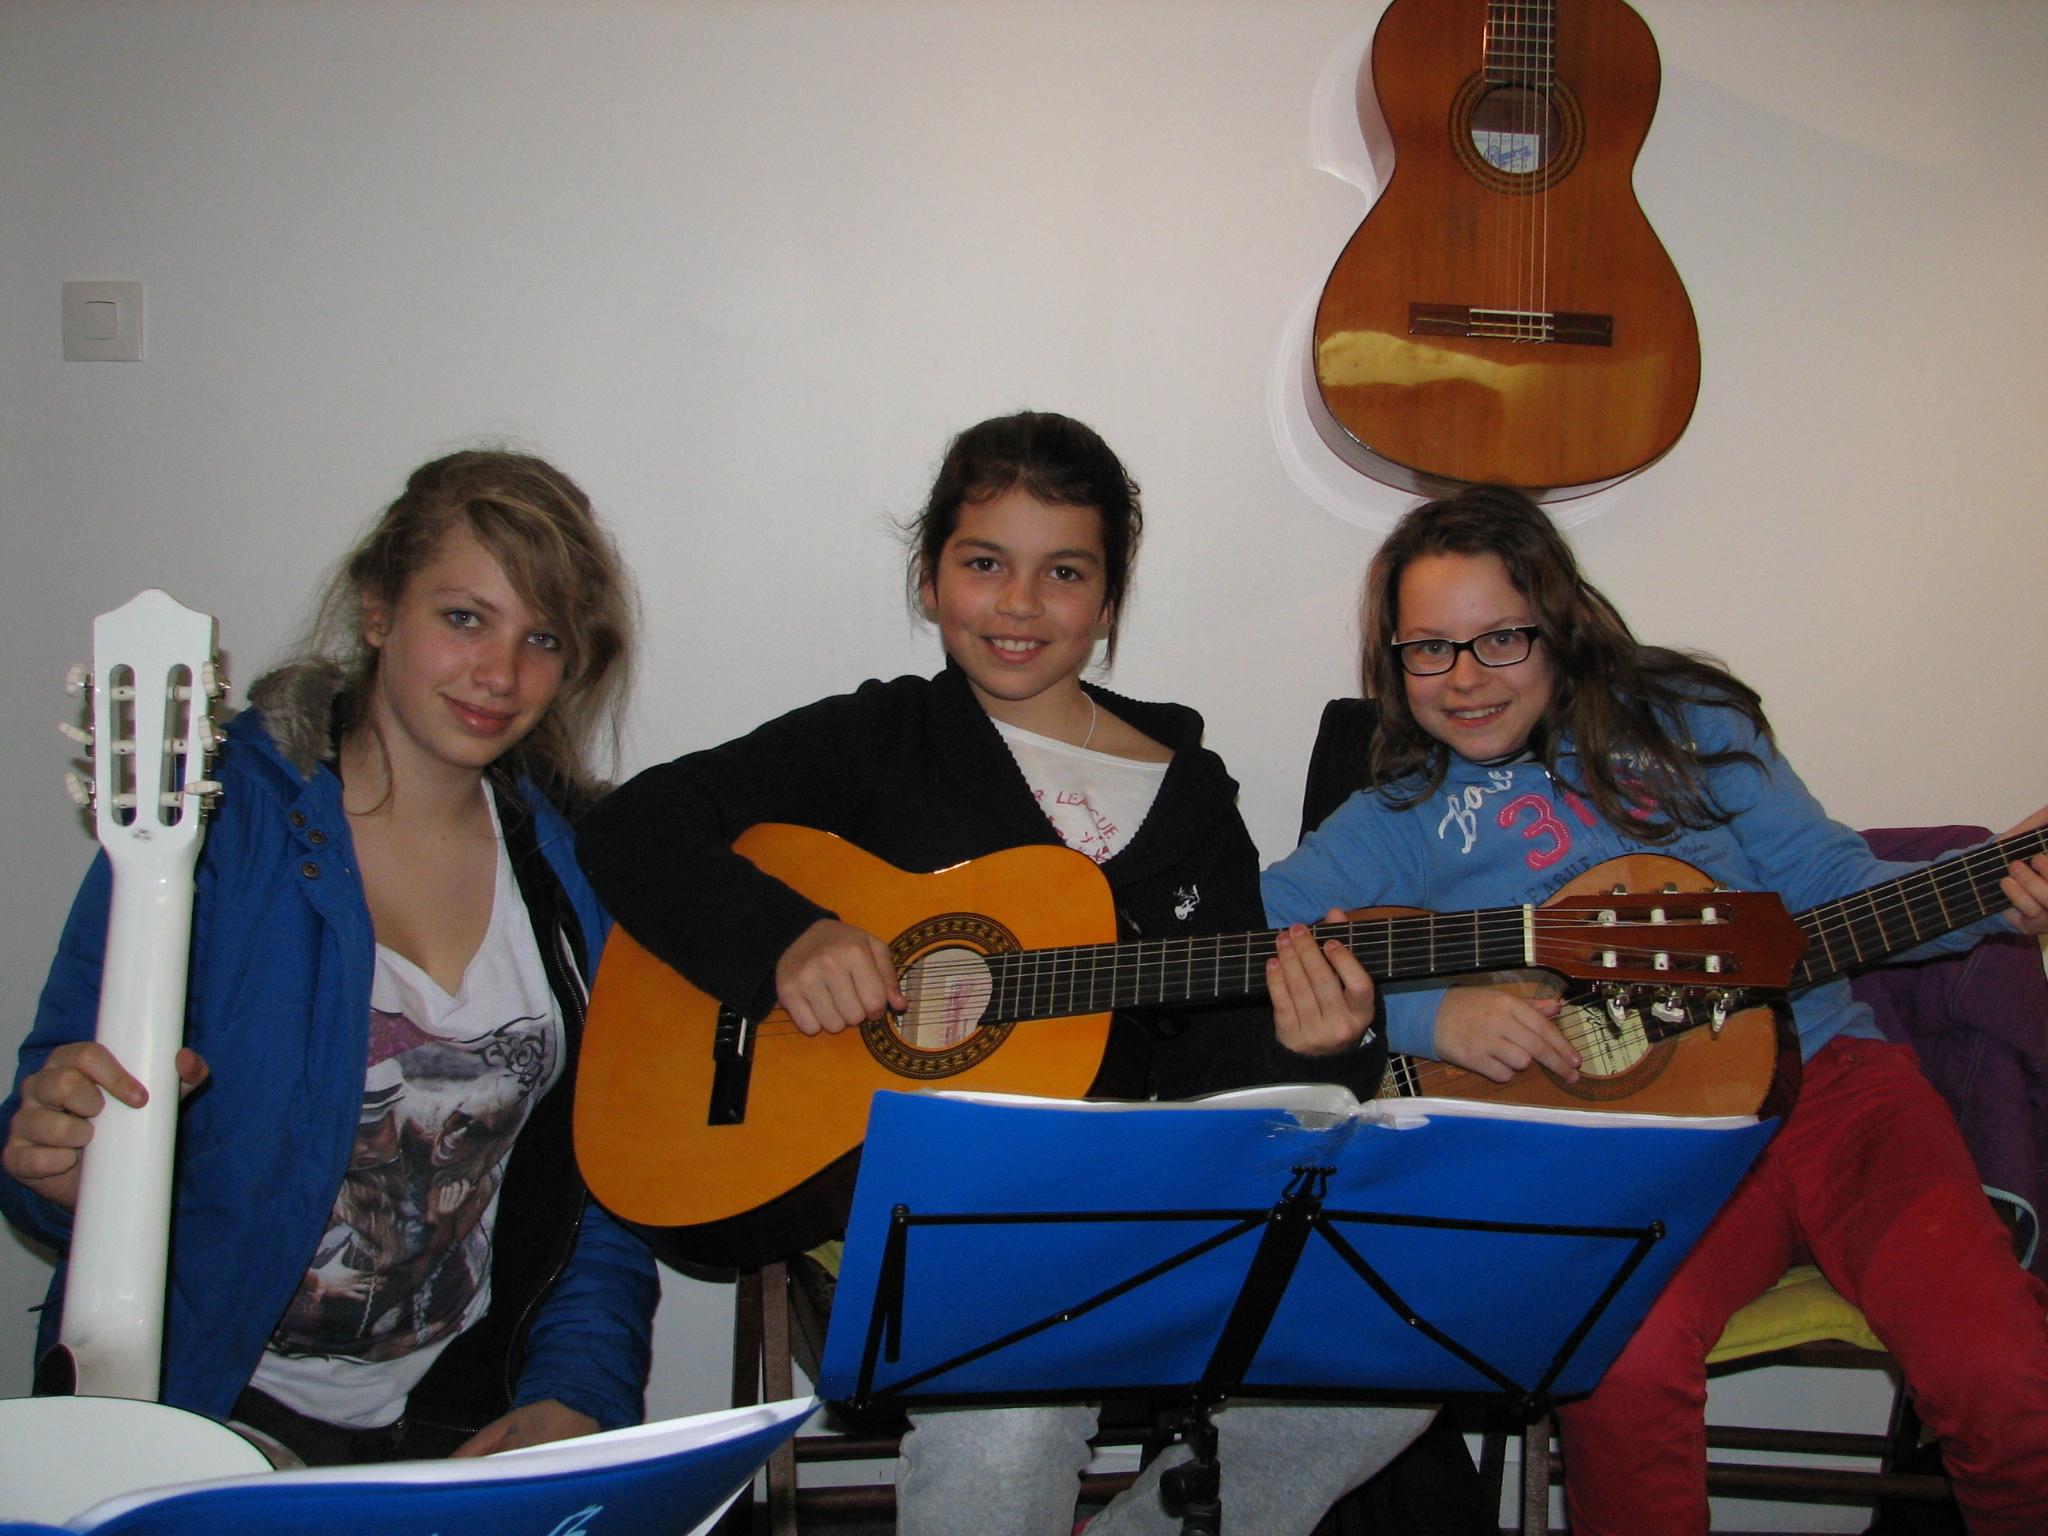 Élisa, Julia et Éléa